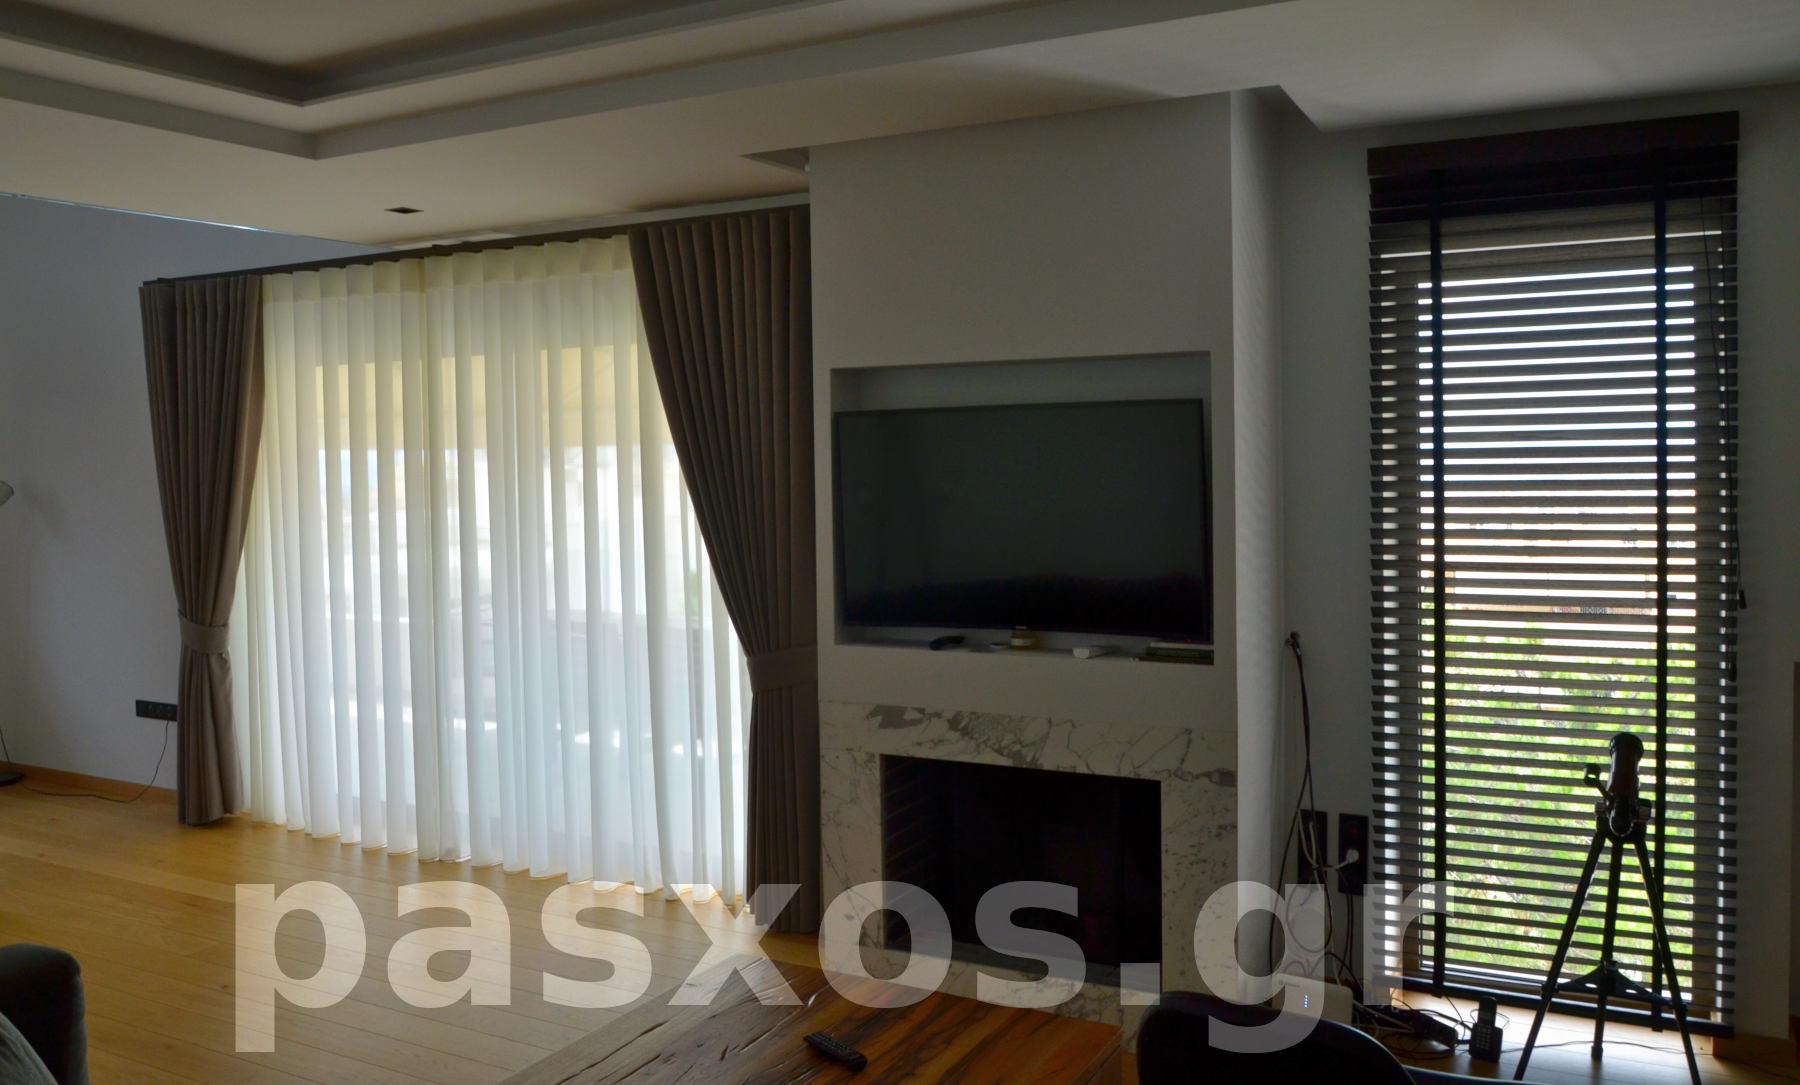 Διαμέρισμα στην Ηλιούπολη. Κουρτίνες και στόρια στο σαλόνι, γενική άποψη. Σχέδιο, κατασκευή και τοποθέτηση: Πάσχος.